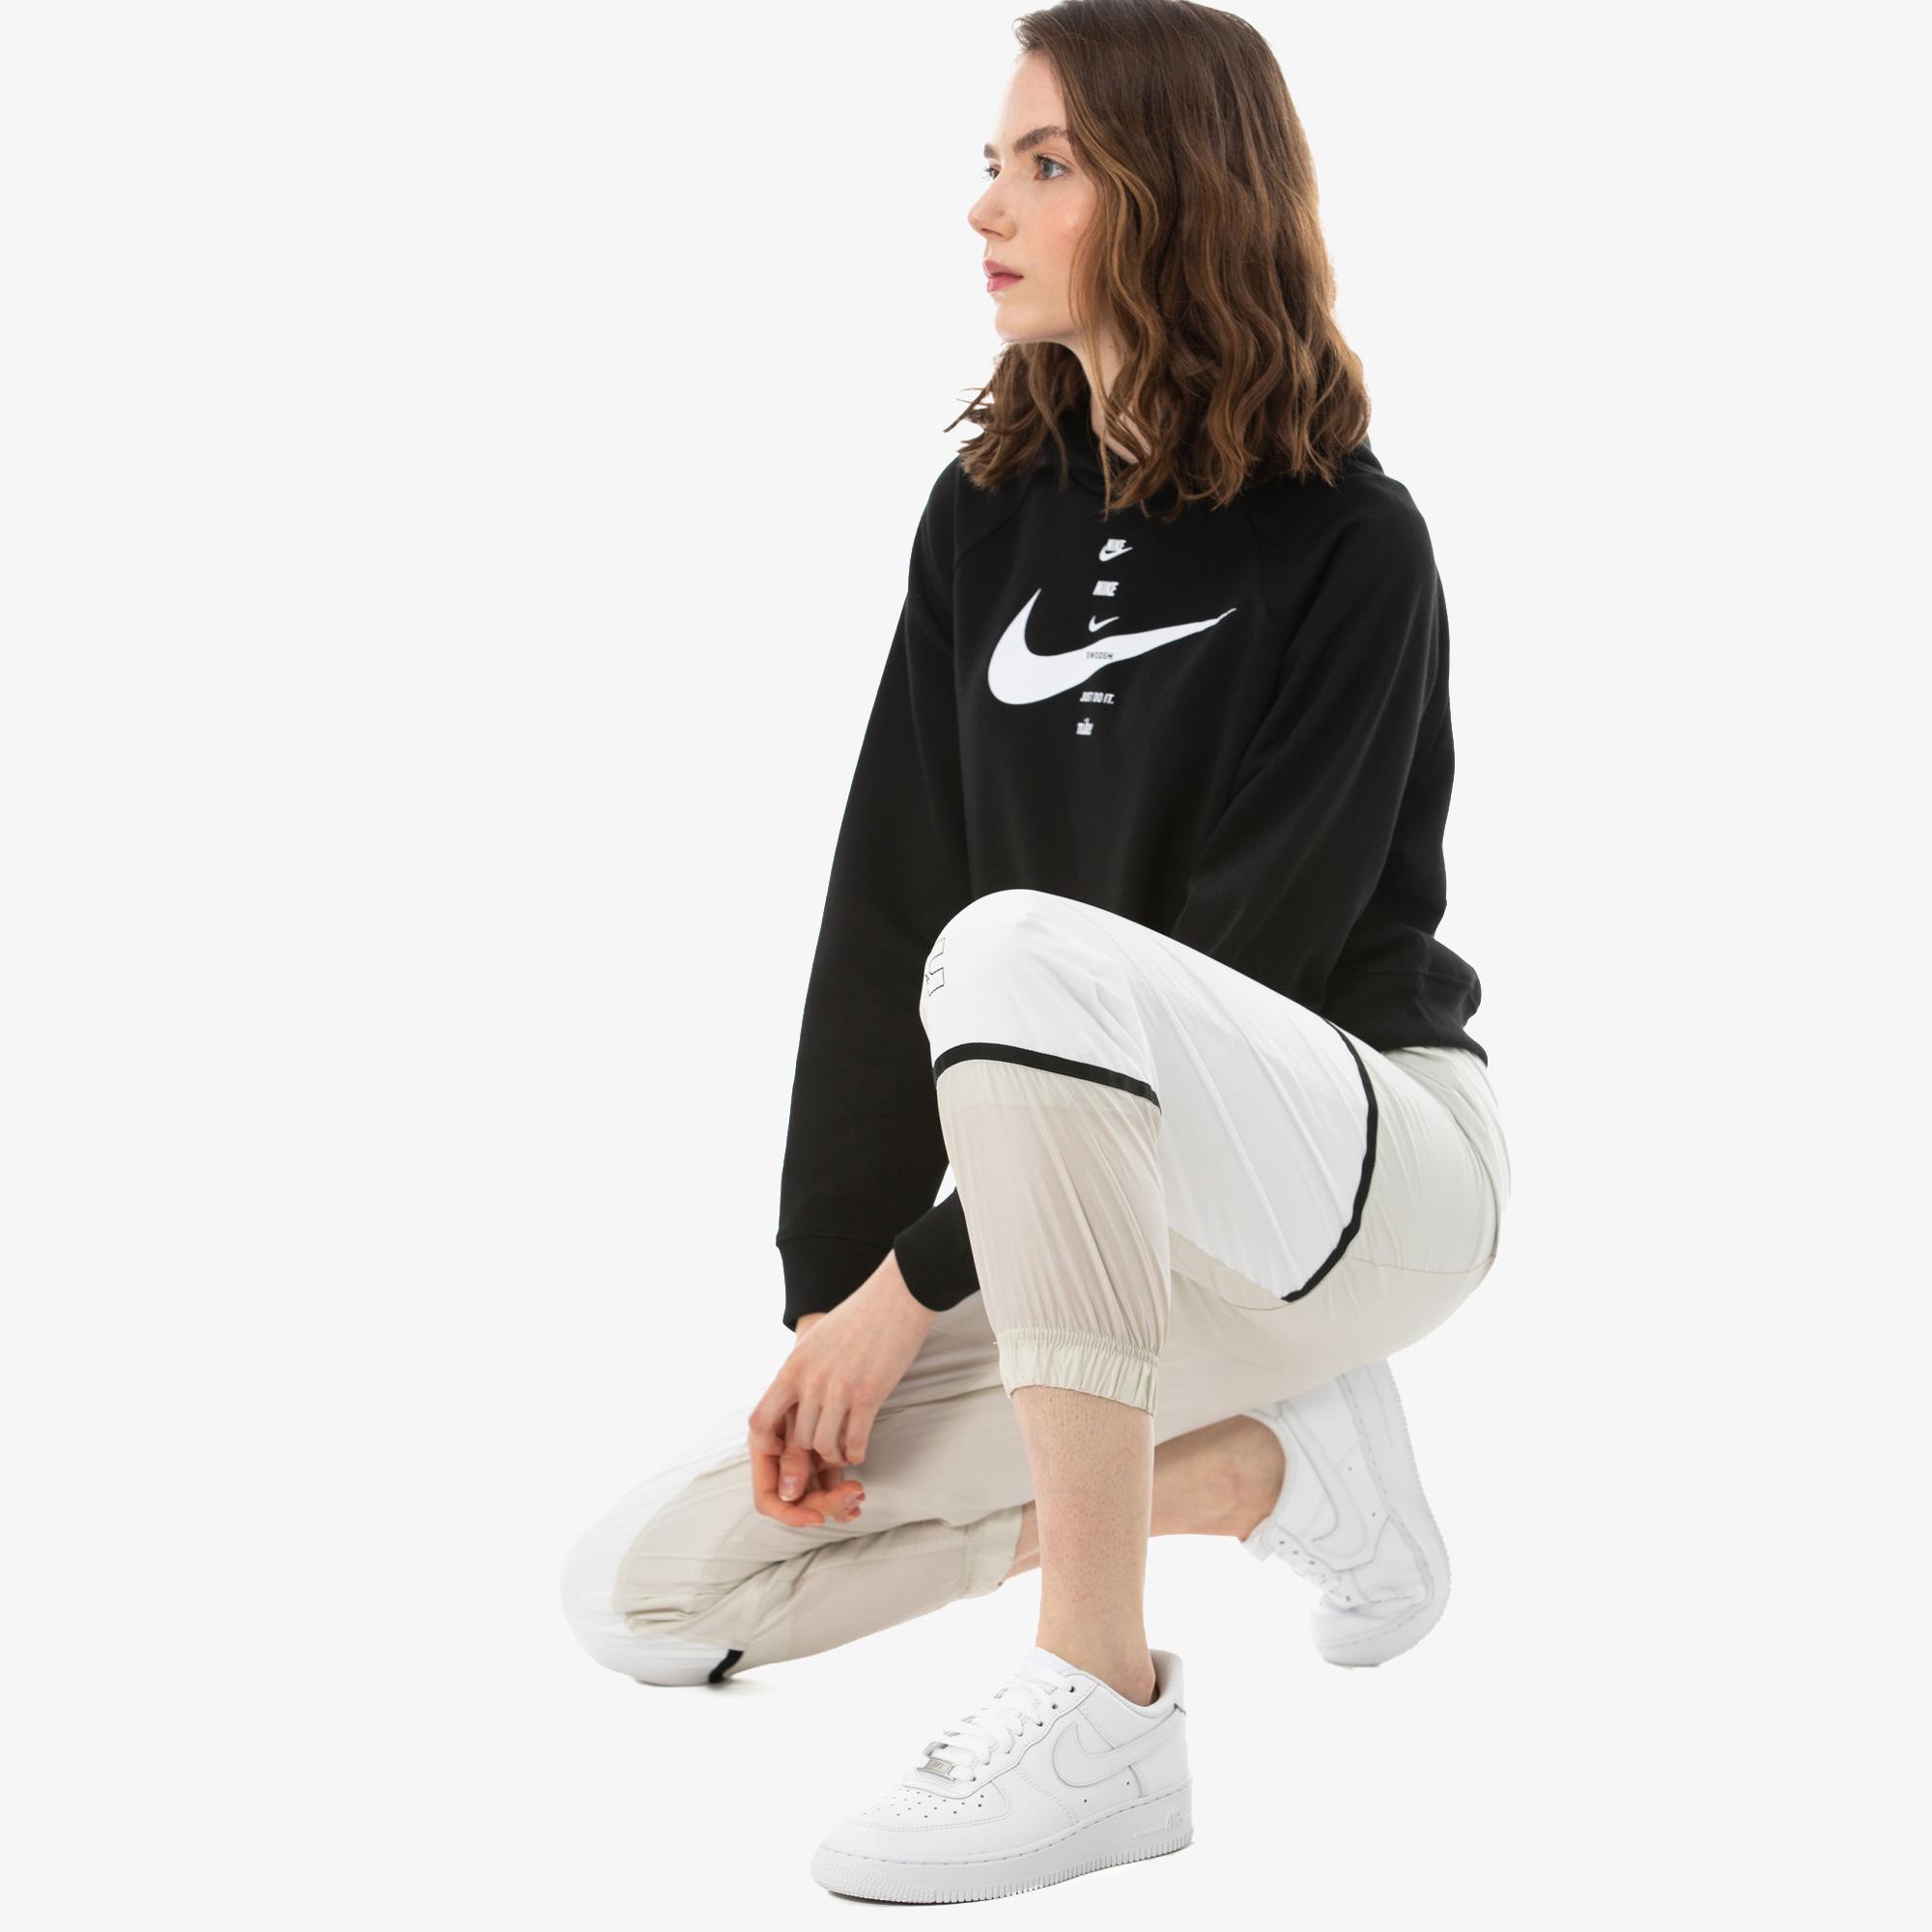 Nike Sportswearvn Archive Rmx Kadın Beyaz Eşofman Altı